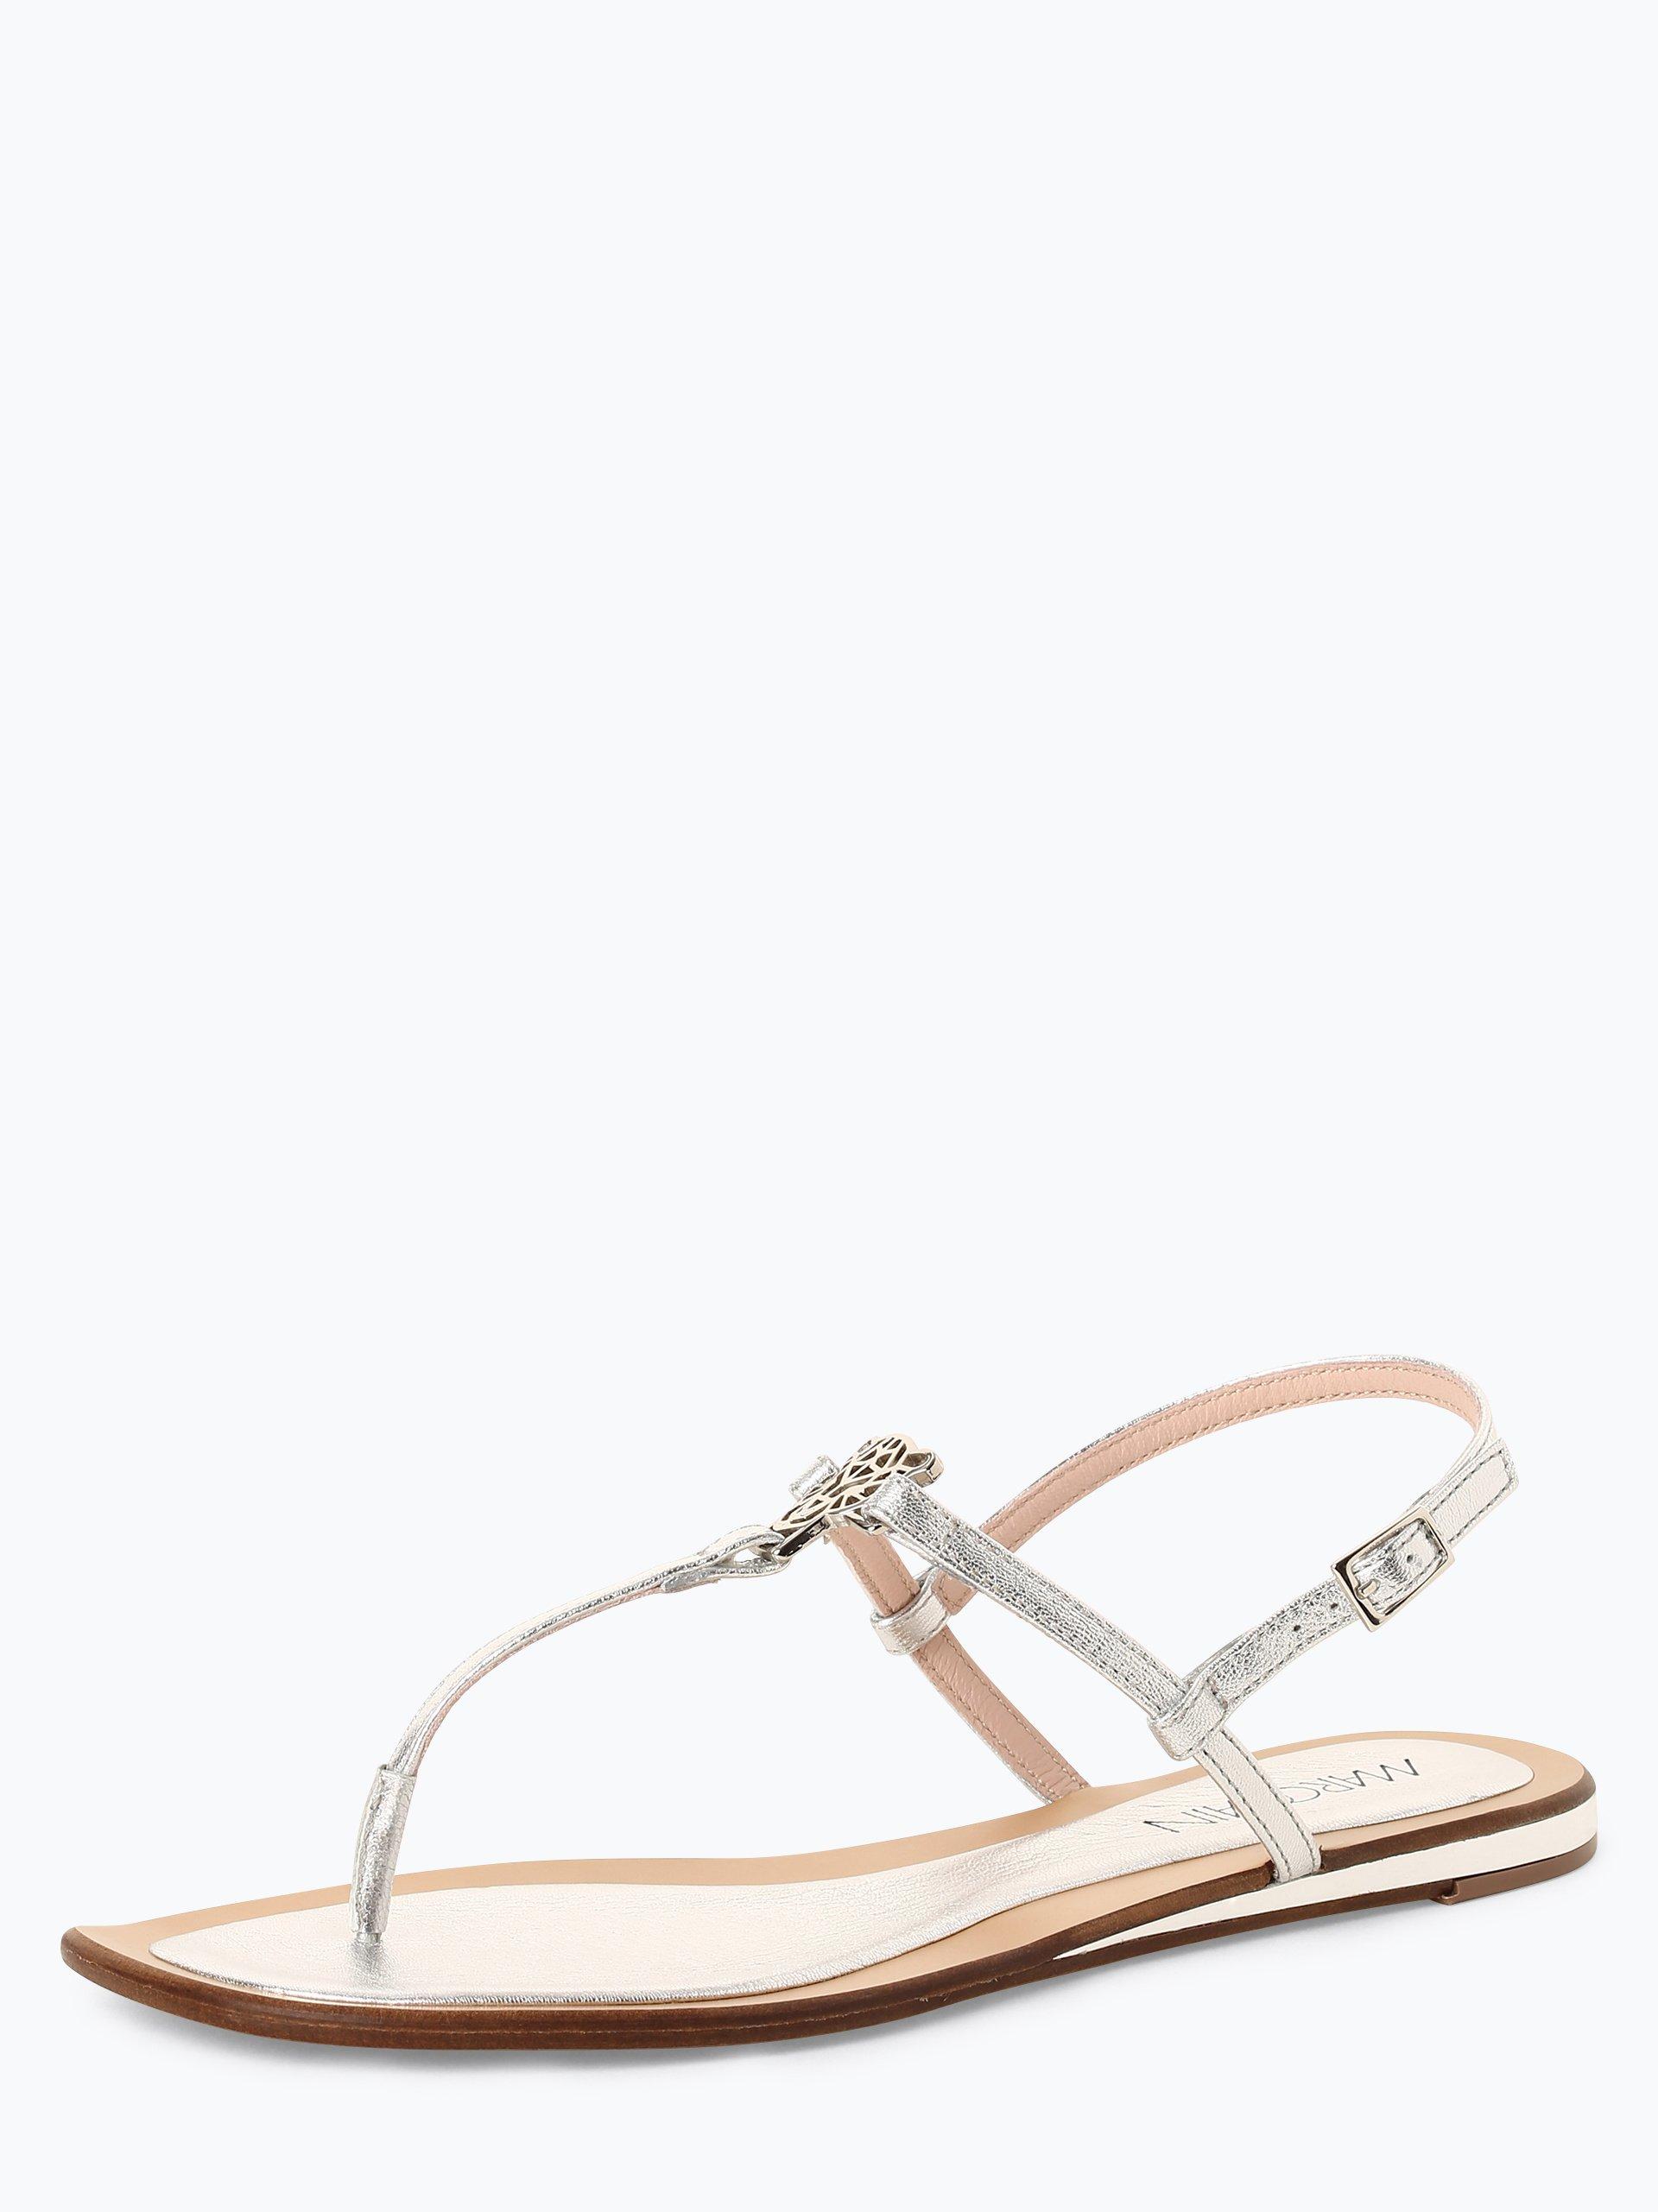 Marc Cain Bags & Shoes Damen Sandalen aus Leder